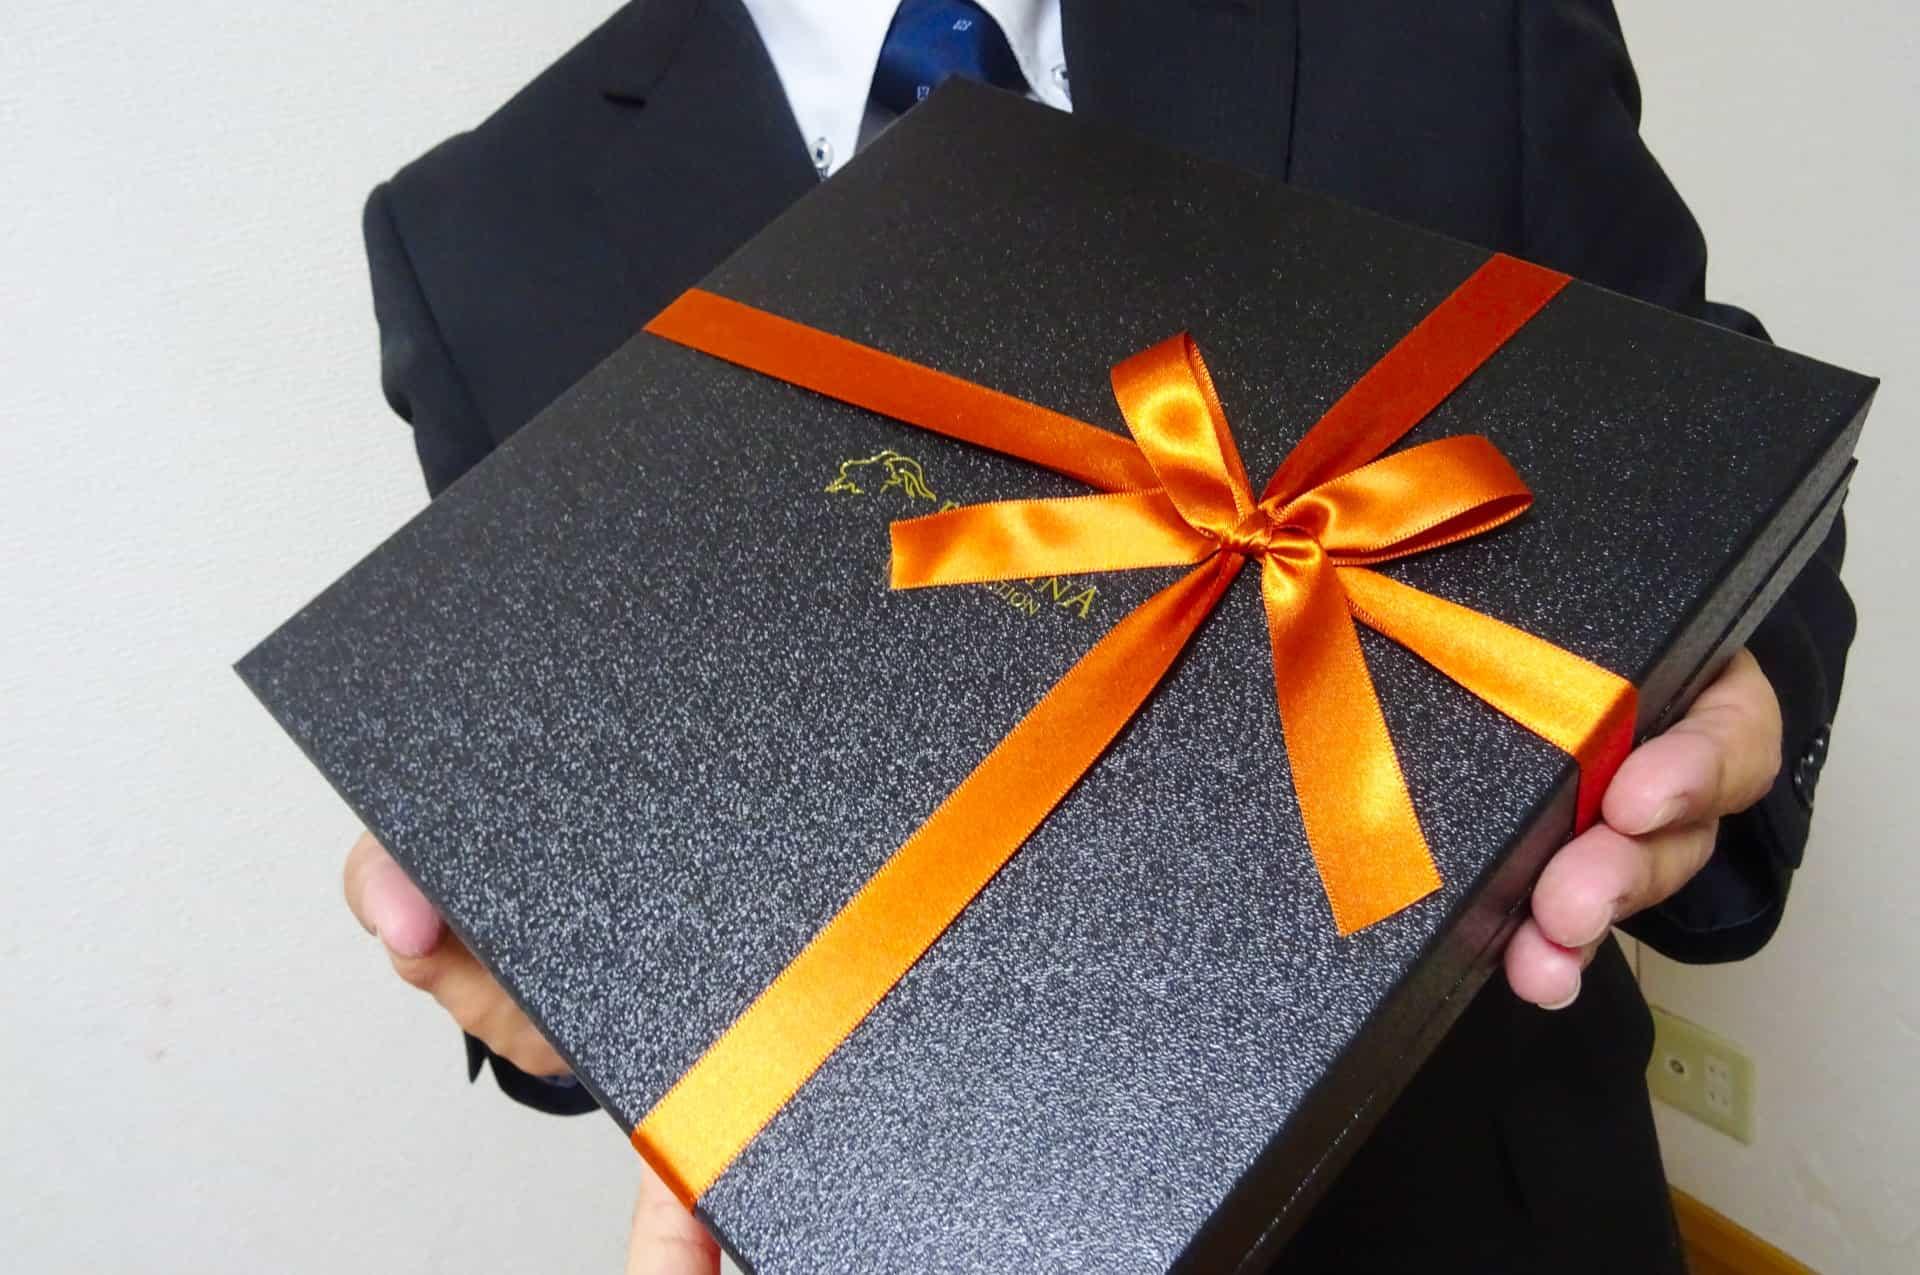 妻が誕生日プレゼントに欲しい4つのモノ